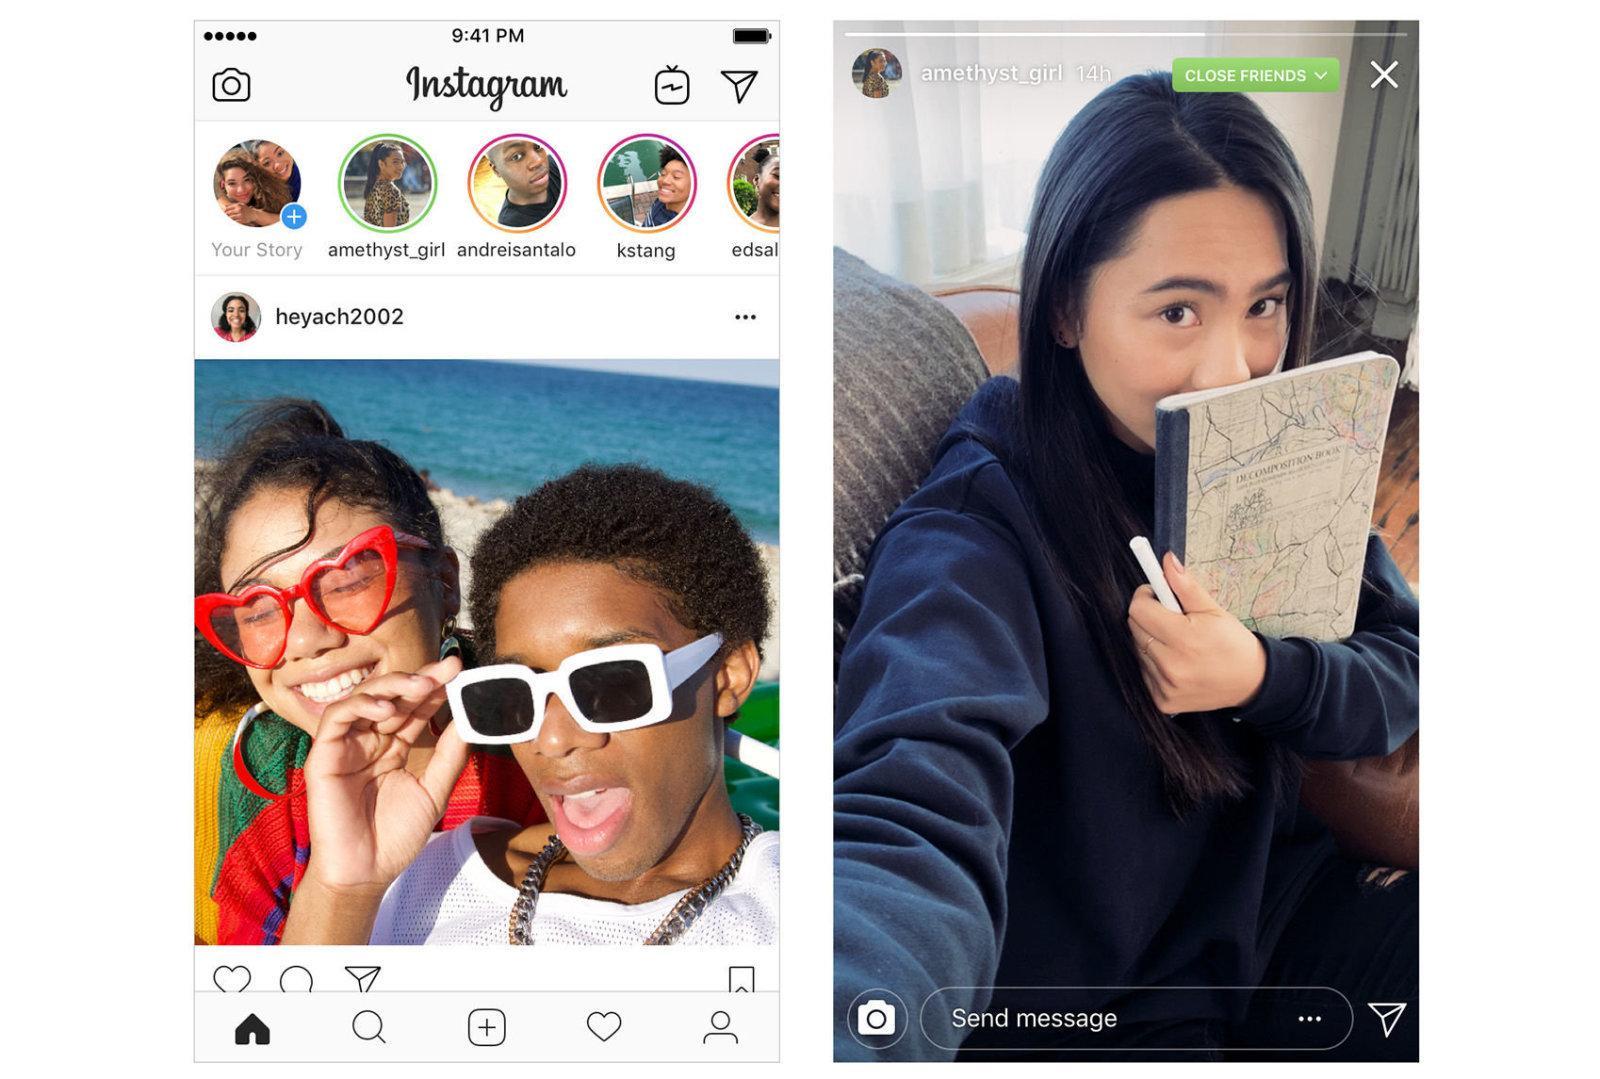 Из-за бага Instagram показывал сторис пользователей незнакомцам